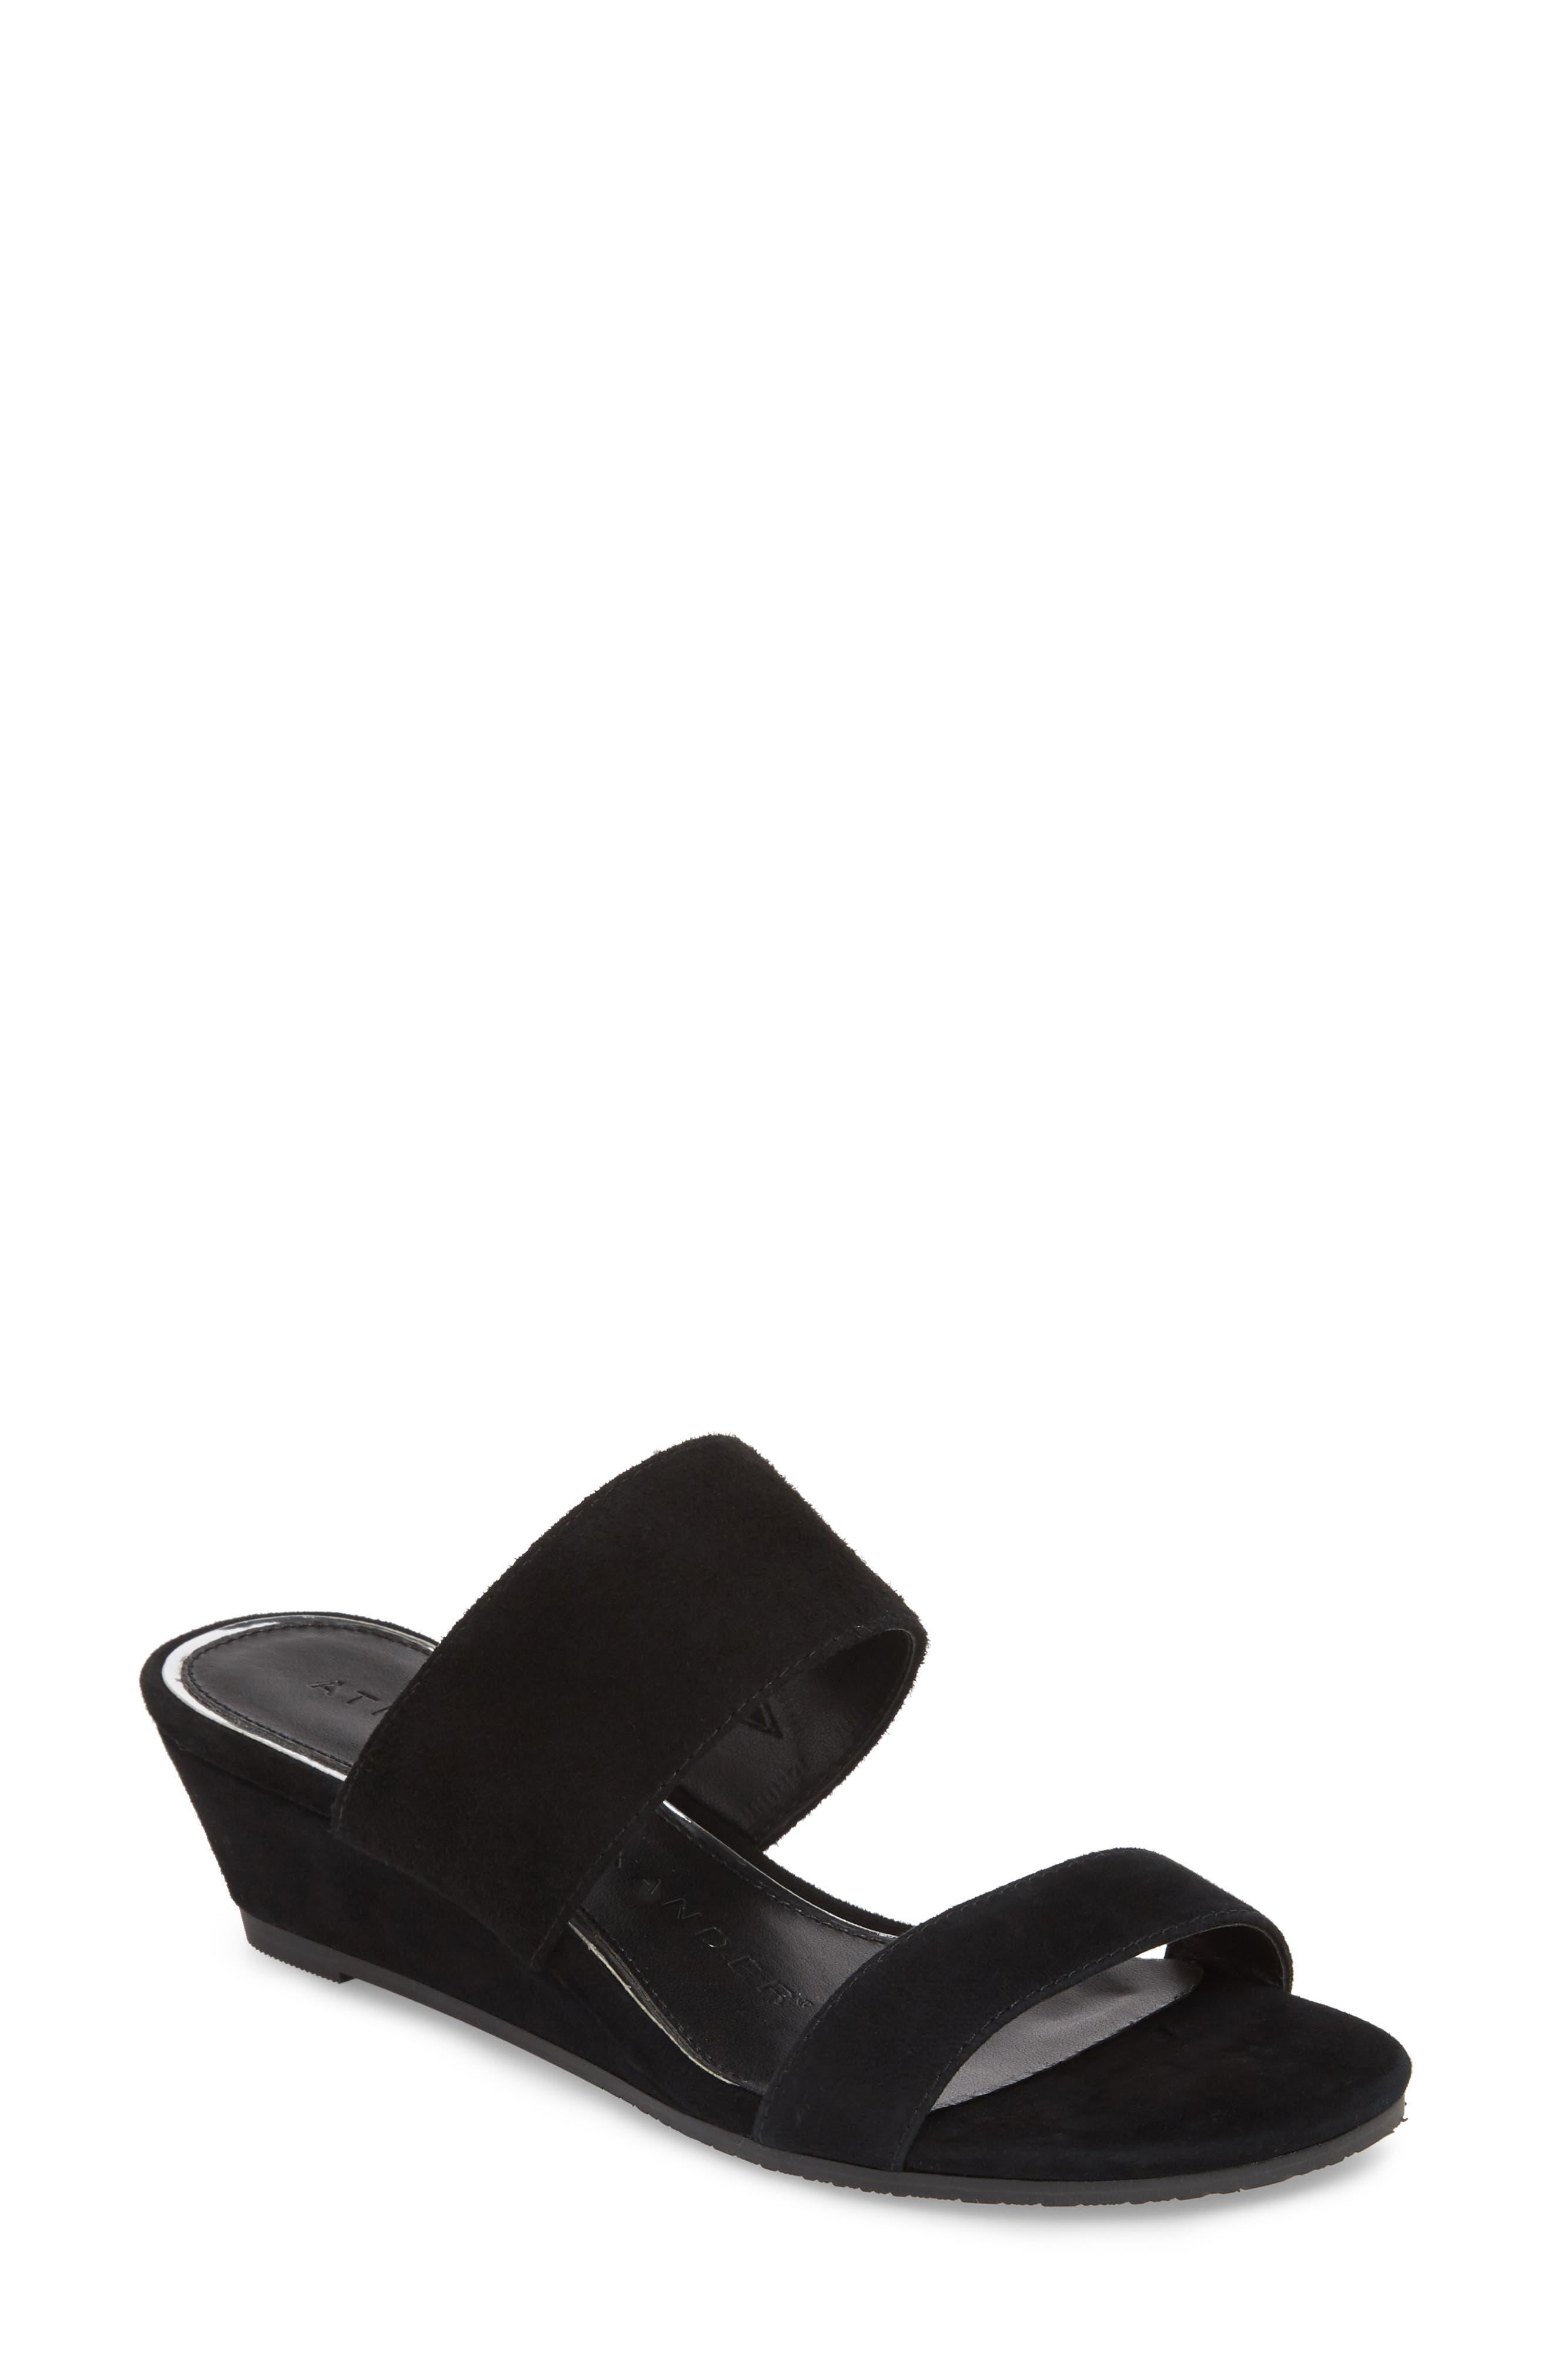 Burlington Wedge Slide Sandal,                             Main thumbnail 1, color,                             BLACK SUEDE